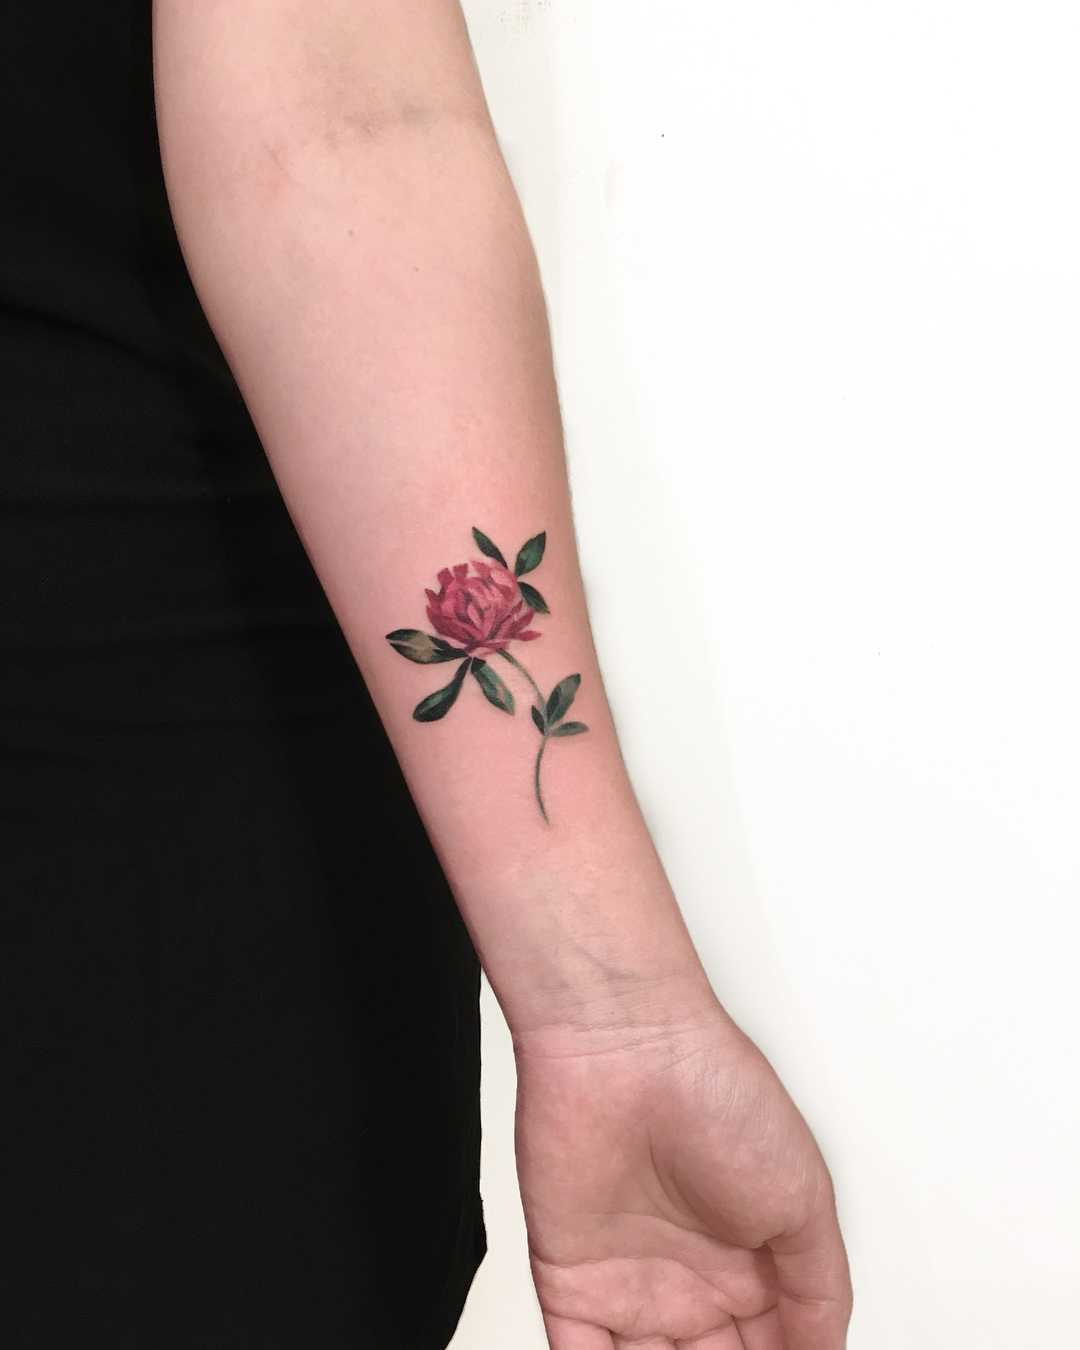 Watercolor clover tattoo by Mavka Leesova